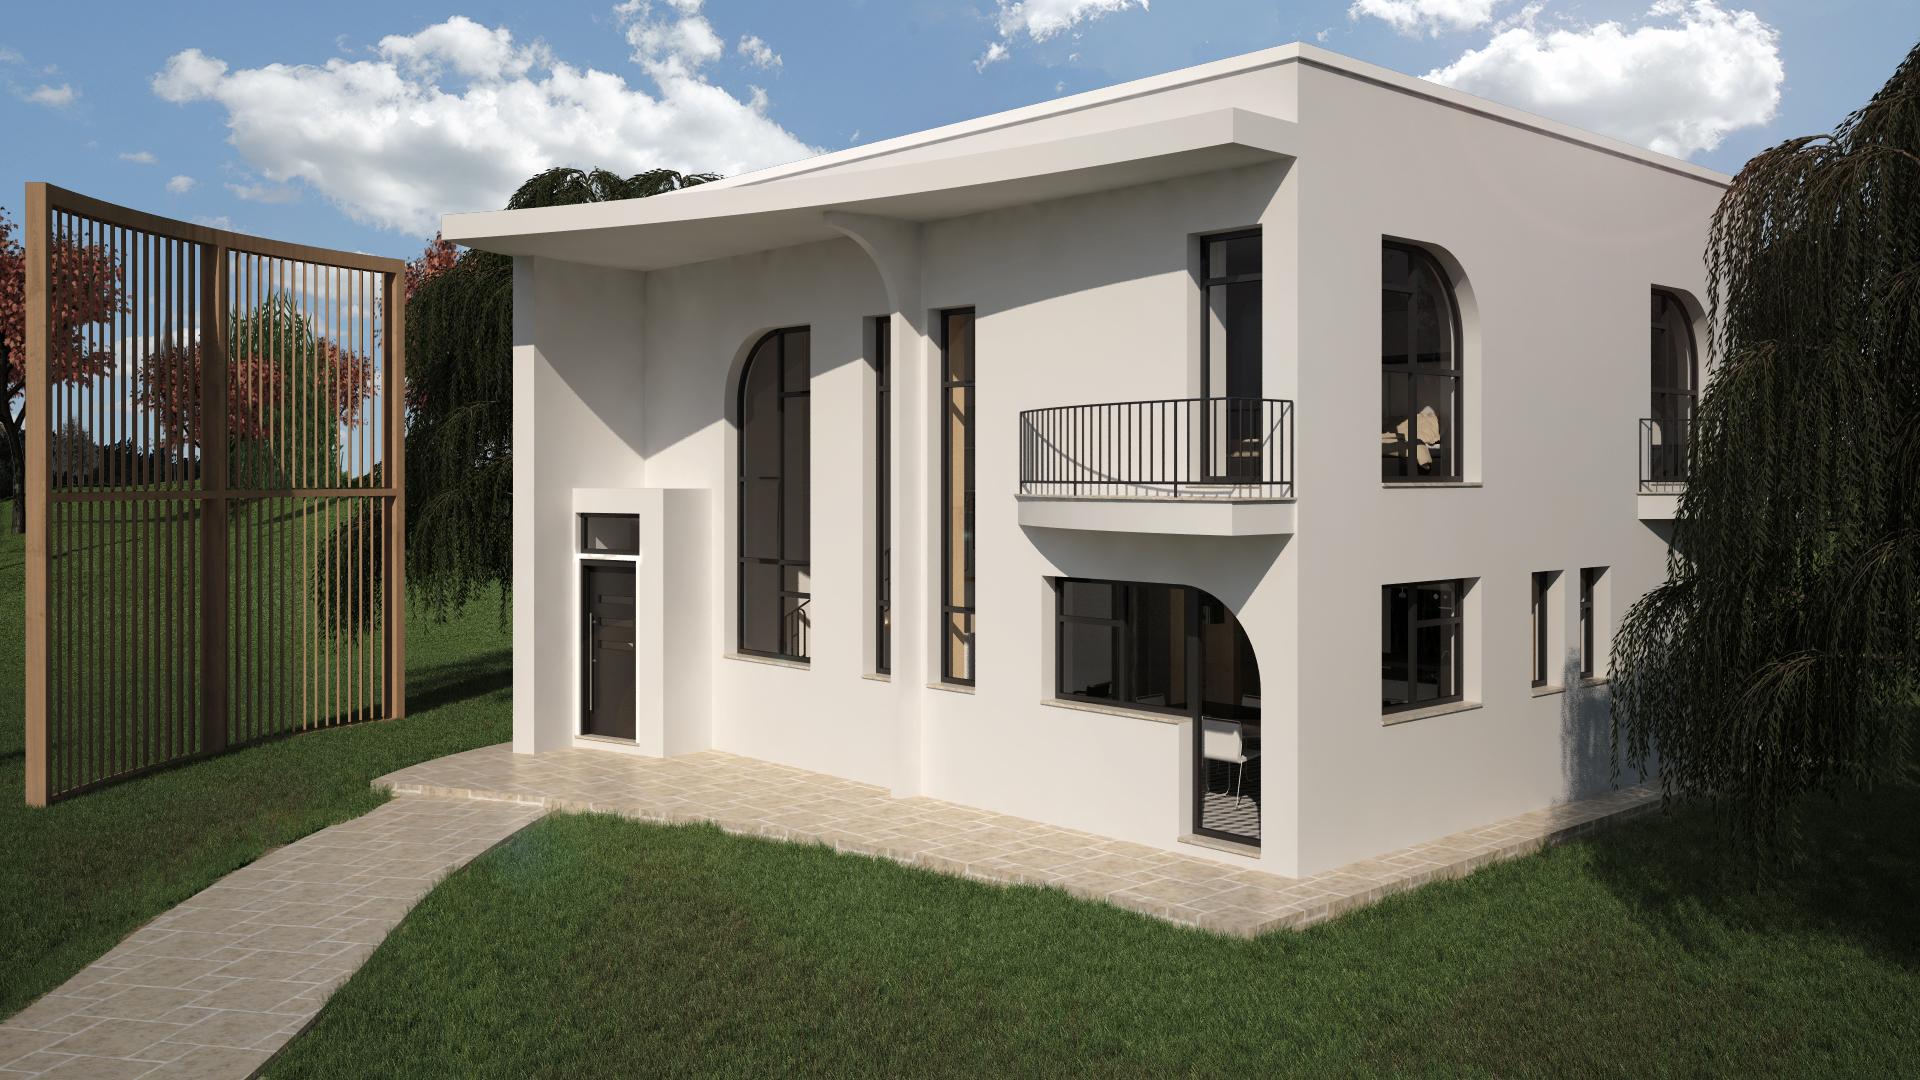 Progetto Di Una Casa In Bioedilizia Progetti Costruzione Case  #426489 1920 1080 Cucine Stile Eclettico